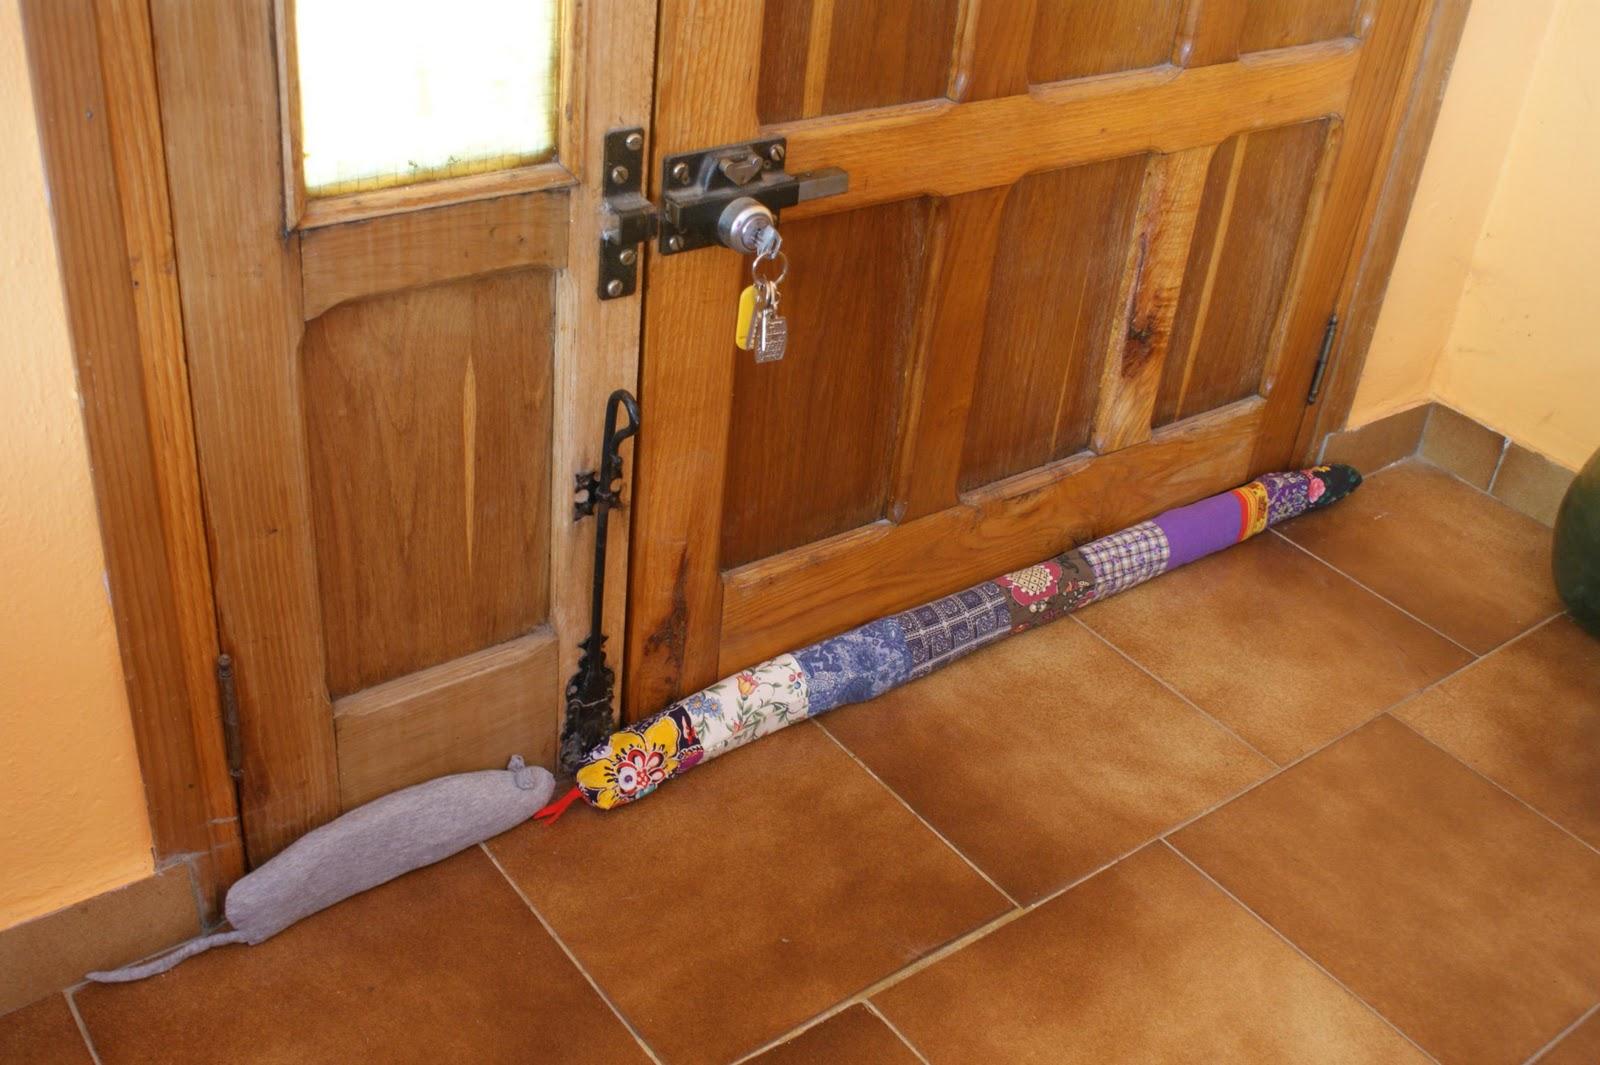 Regalos a mano serpiente quitafrio - Burlete puerta ...